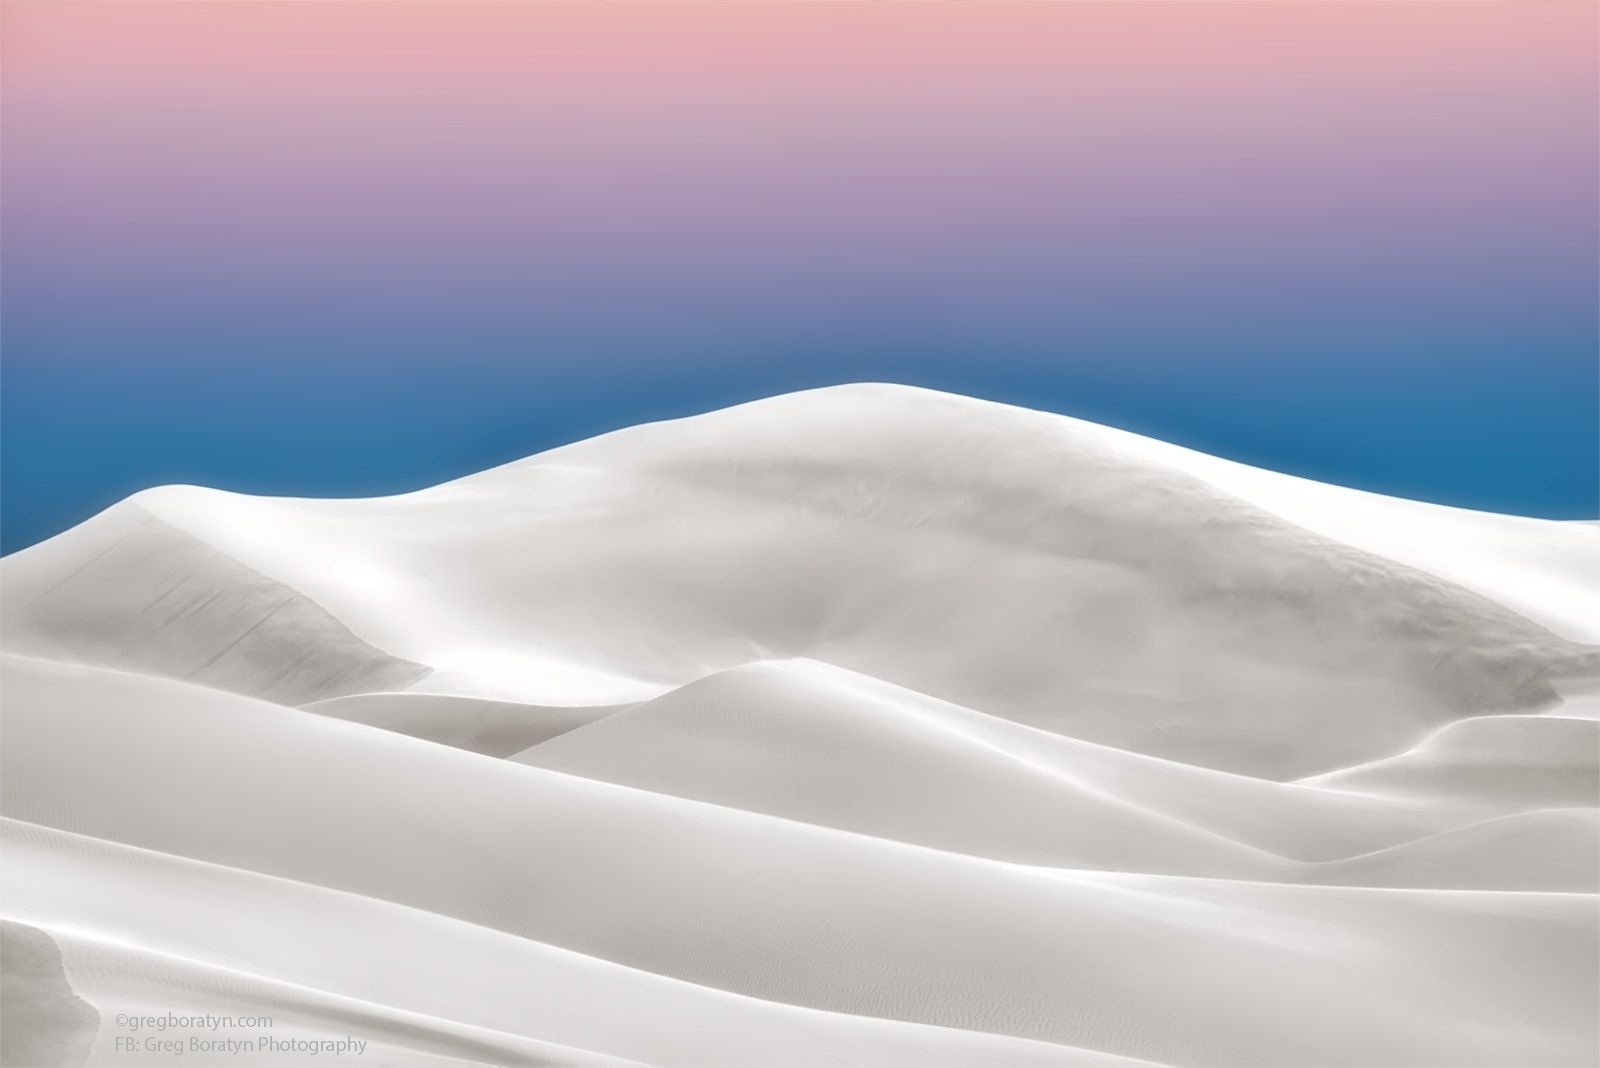 Photo Sand-y Morning by Greg Boratyn on 500px